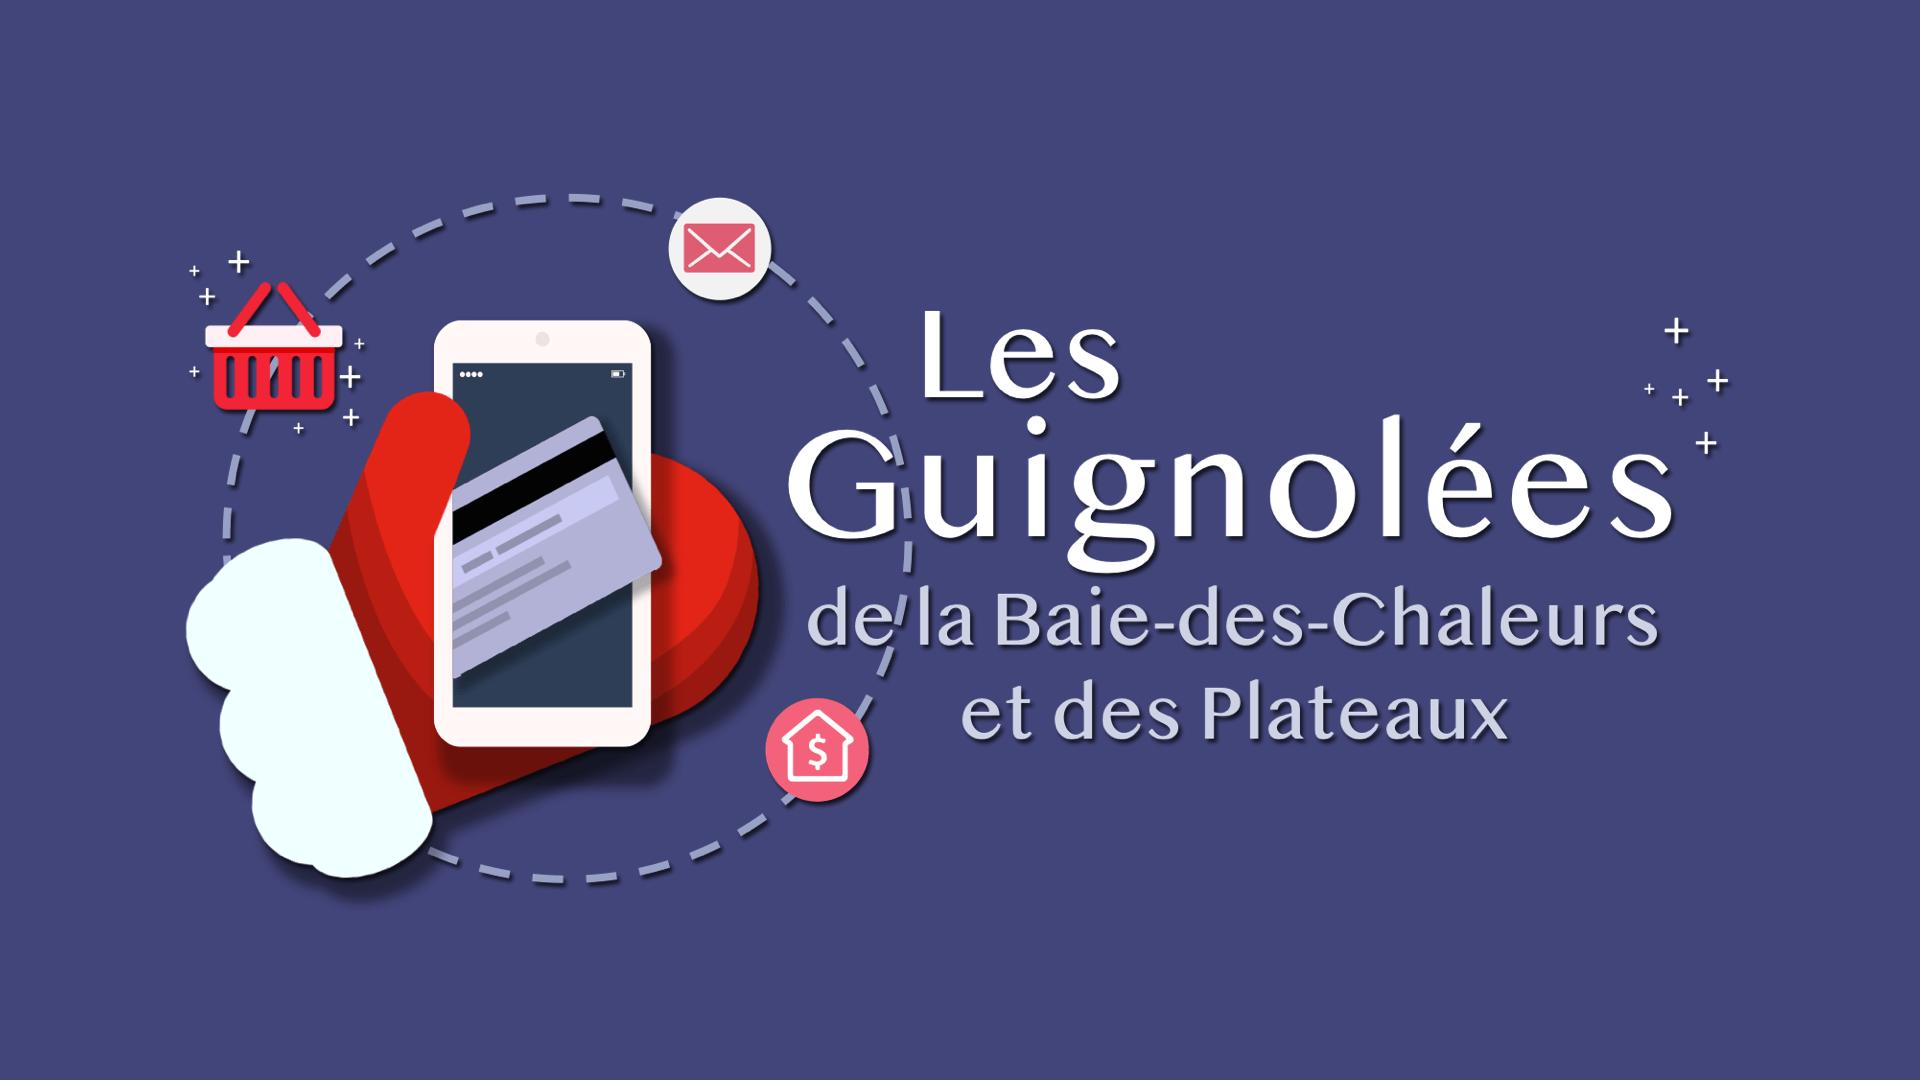 Les Guignolées de la Baie-des-Chaleurs et des Plateaux